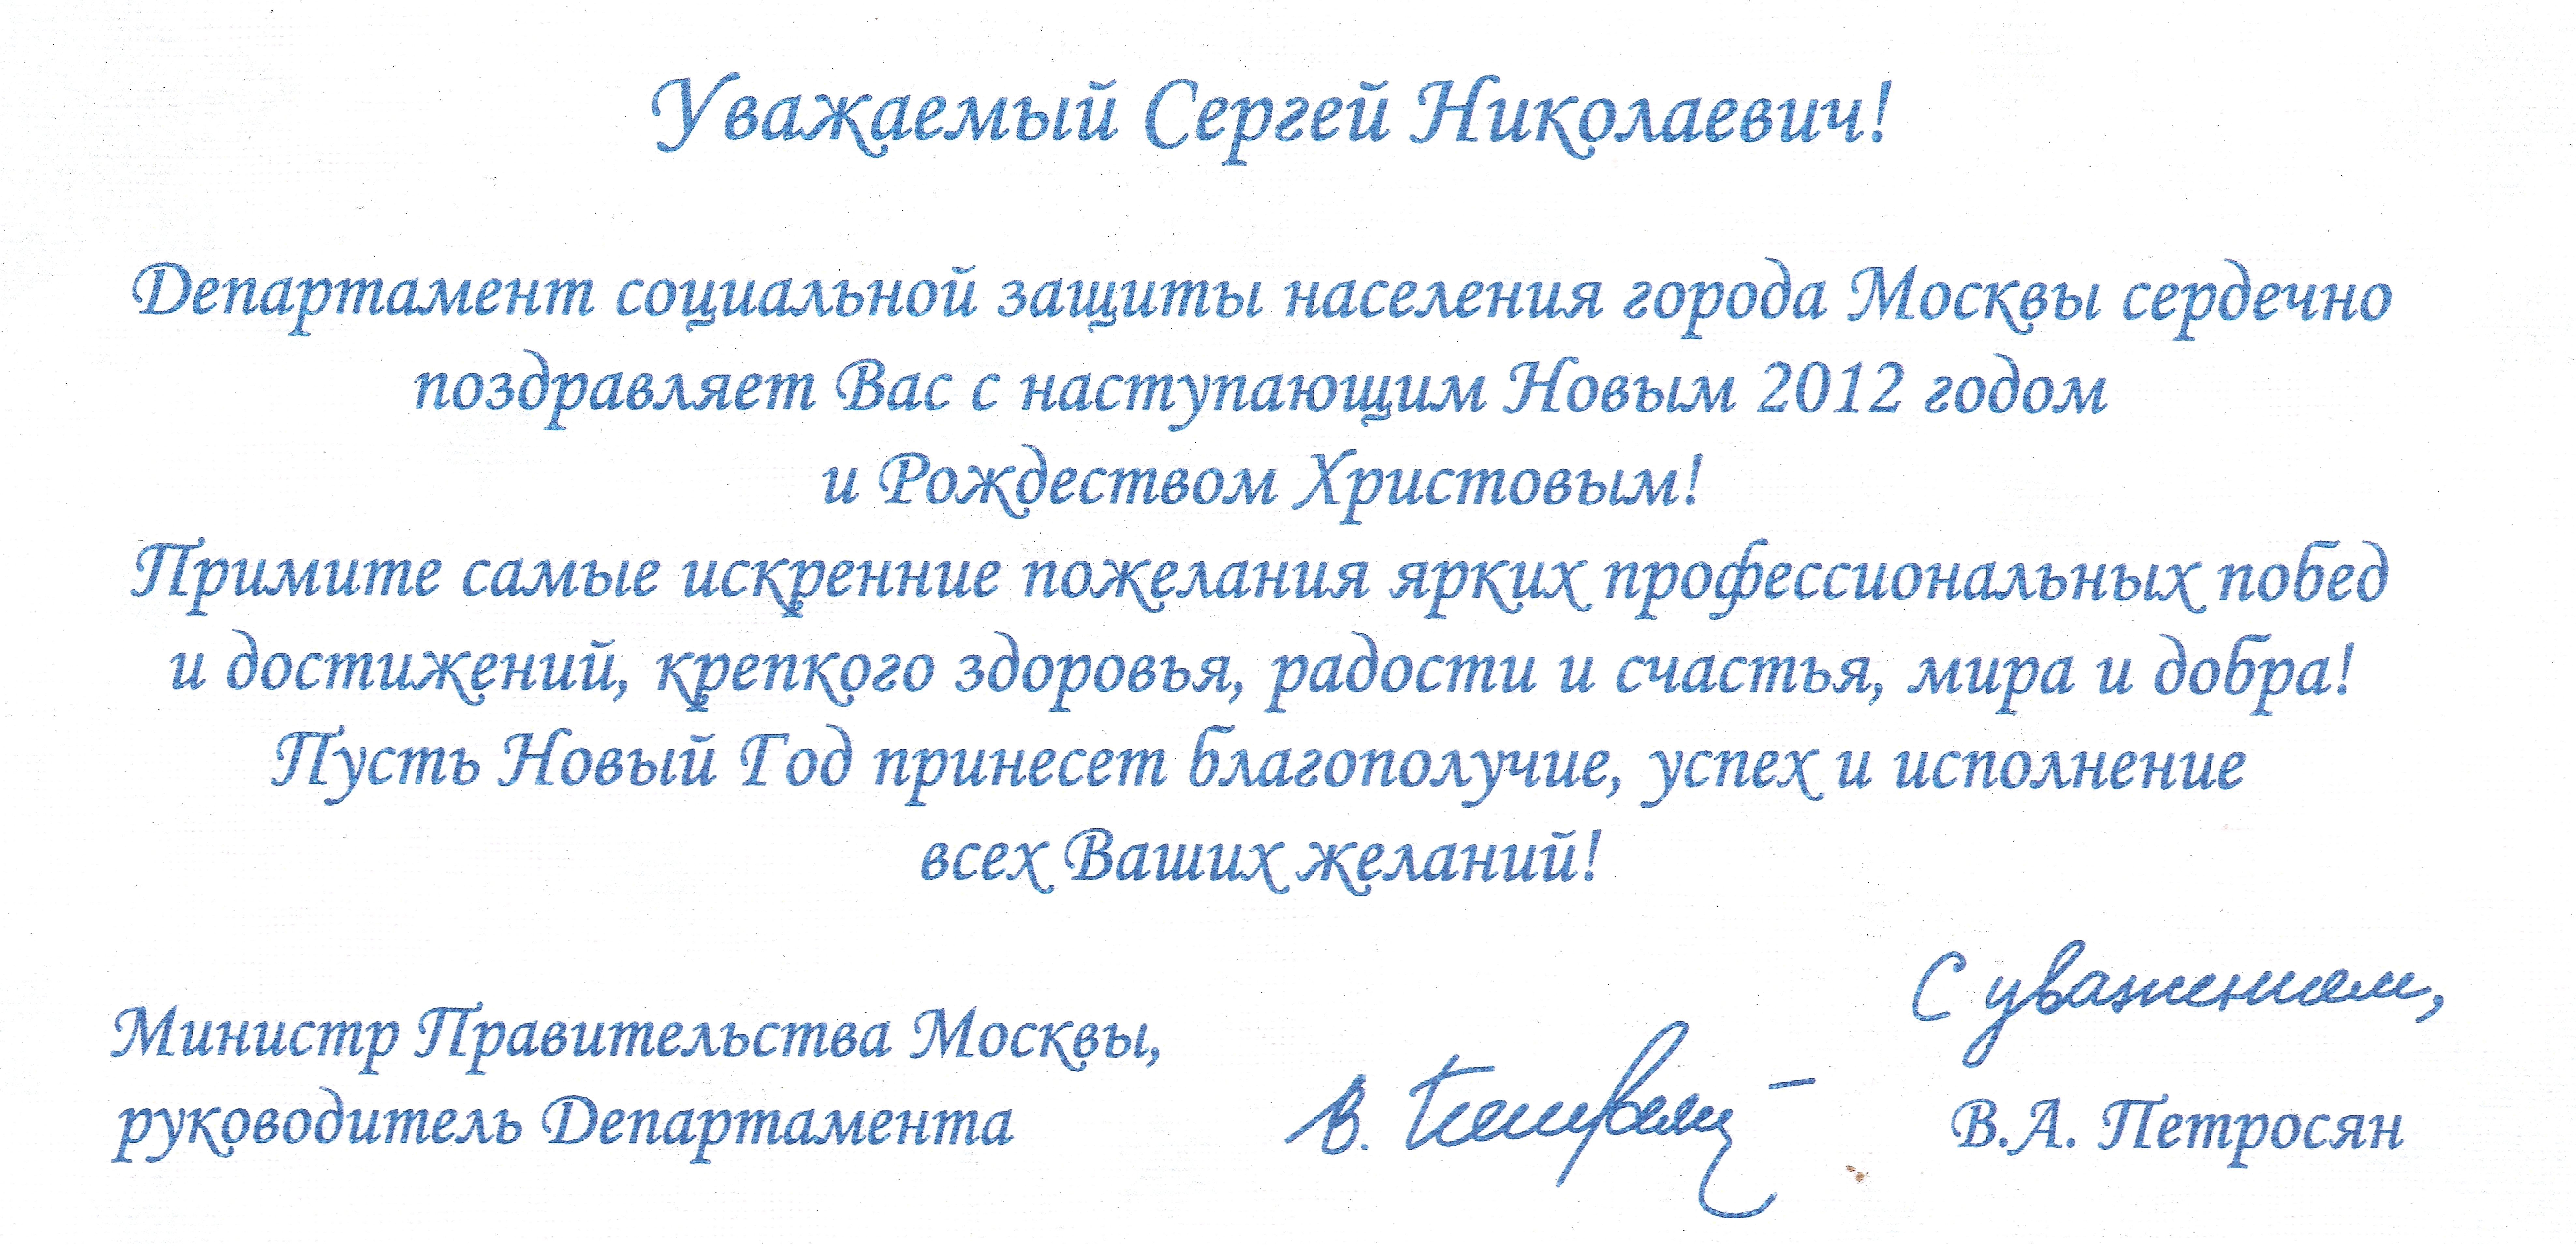 Сотрудников Института поздравили руководители социальных служб г. Москвы